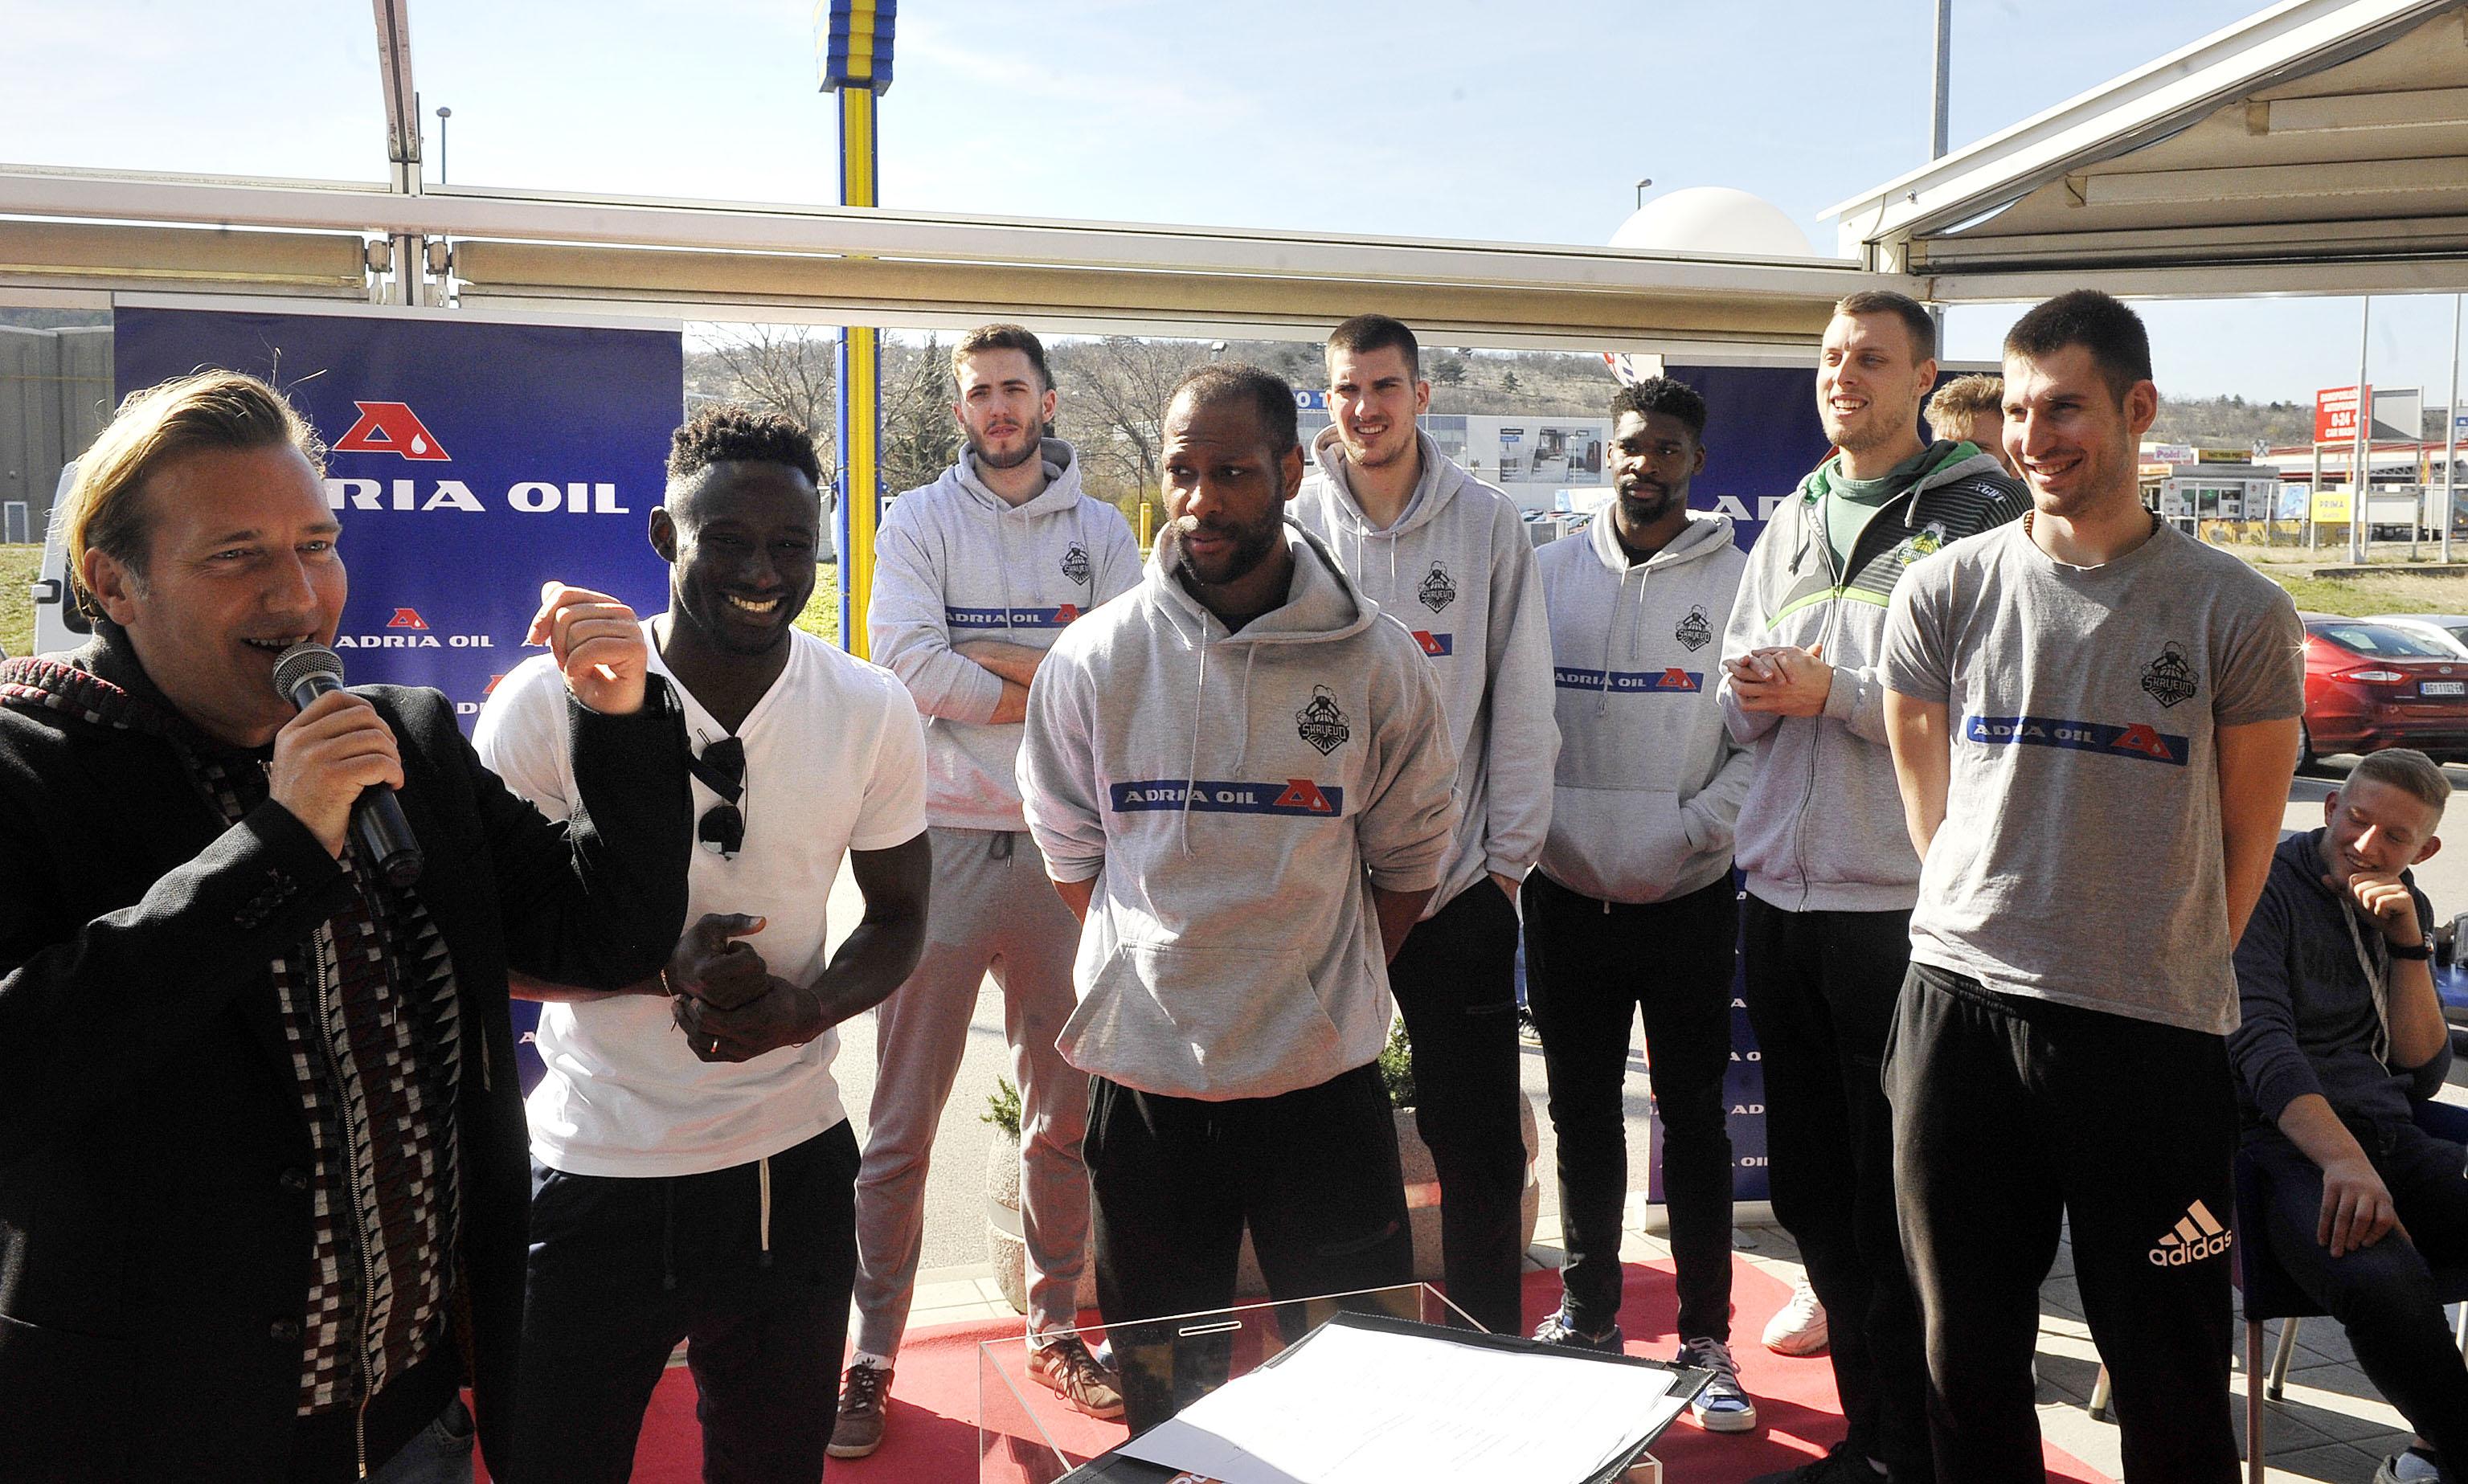 Nagrade su izvlačili nogometaši »Rijeke« i košarkaši »Škrljeva«, snimio Roni BRMALJ